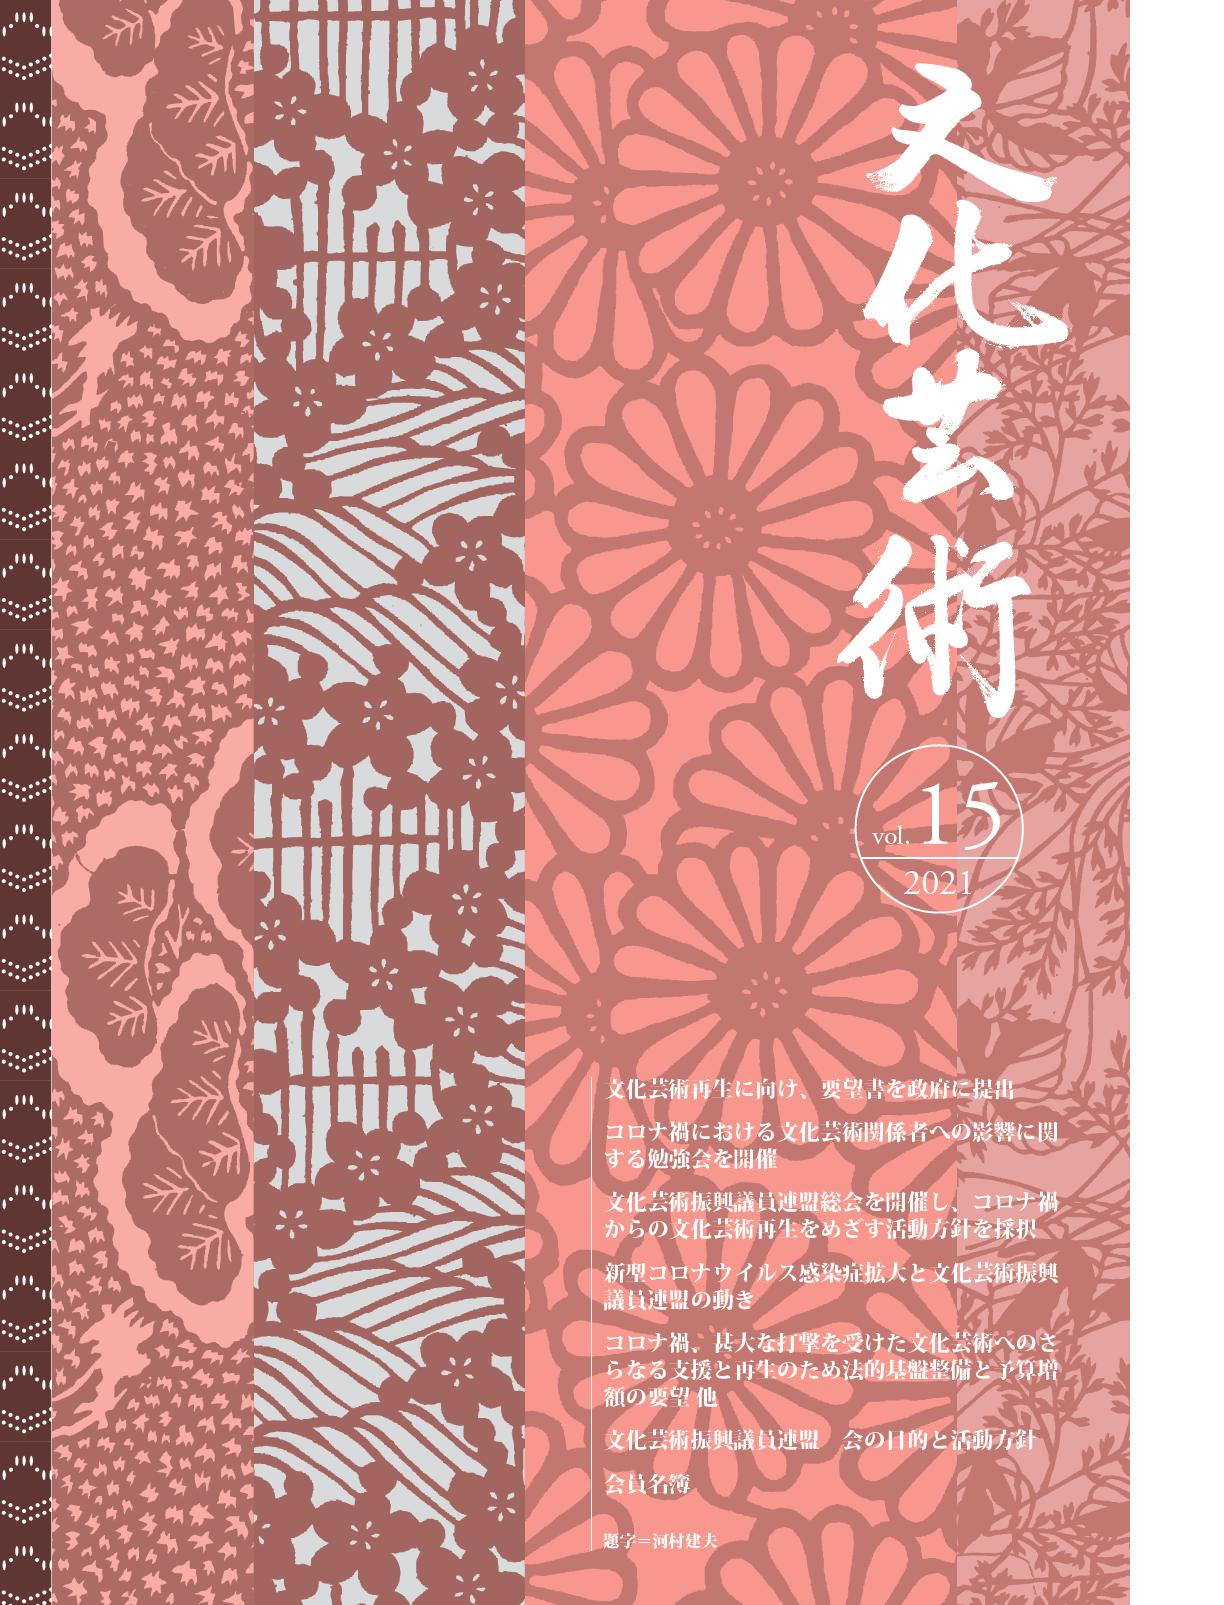 文化芸術vol.15